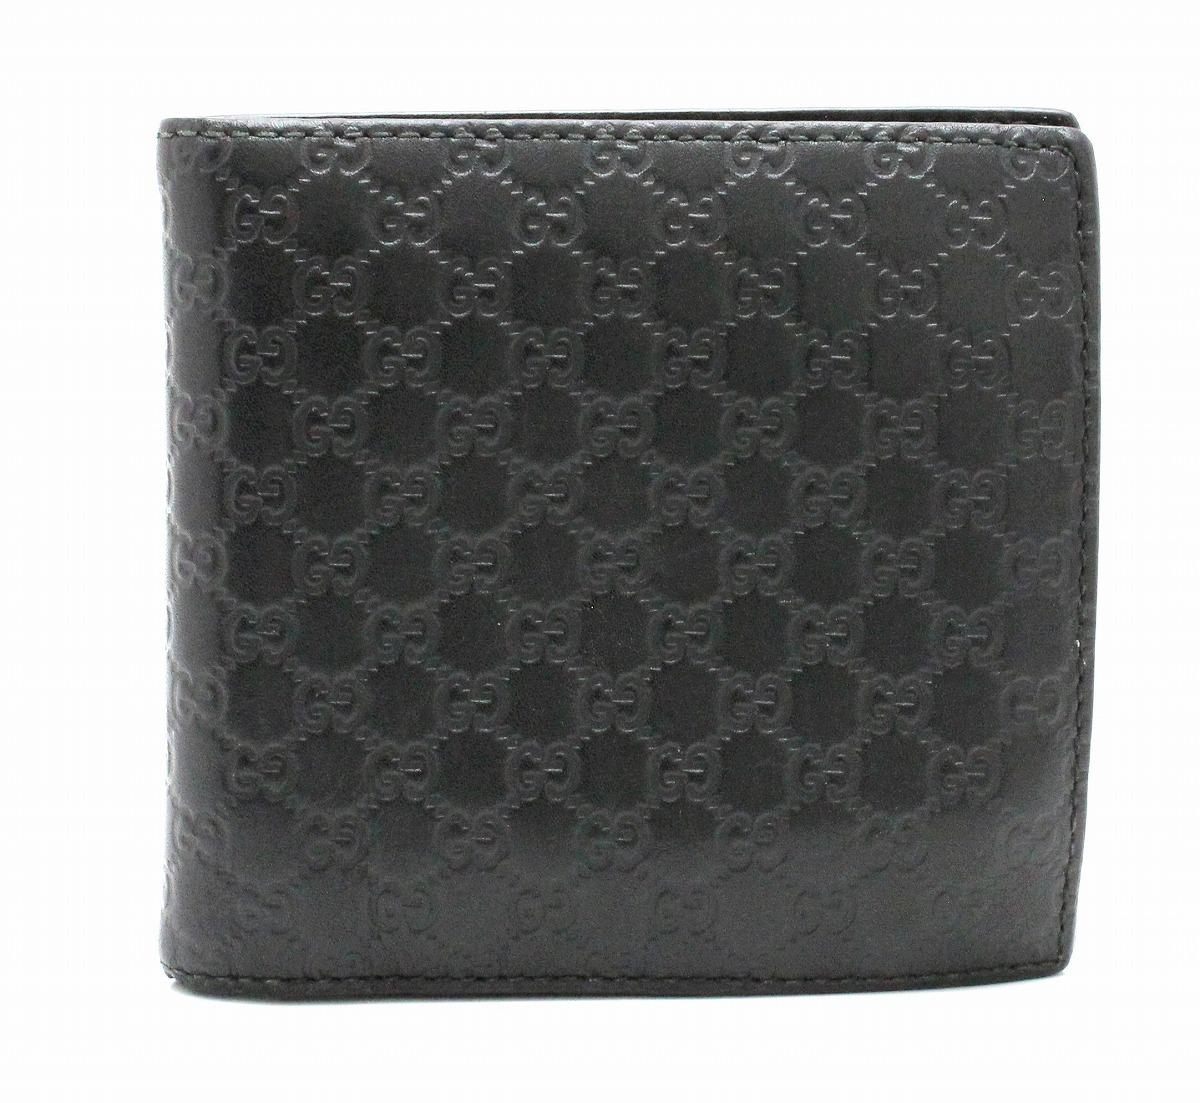 1e0099bc5caa 【財布】GUCCIグッチマイクログッチシマ2つ折り財布レザーブラック黒アウトレット品1504130416